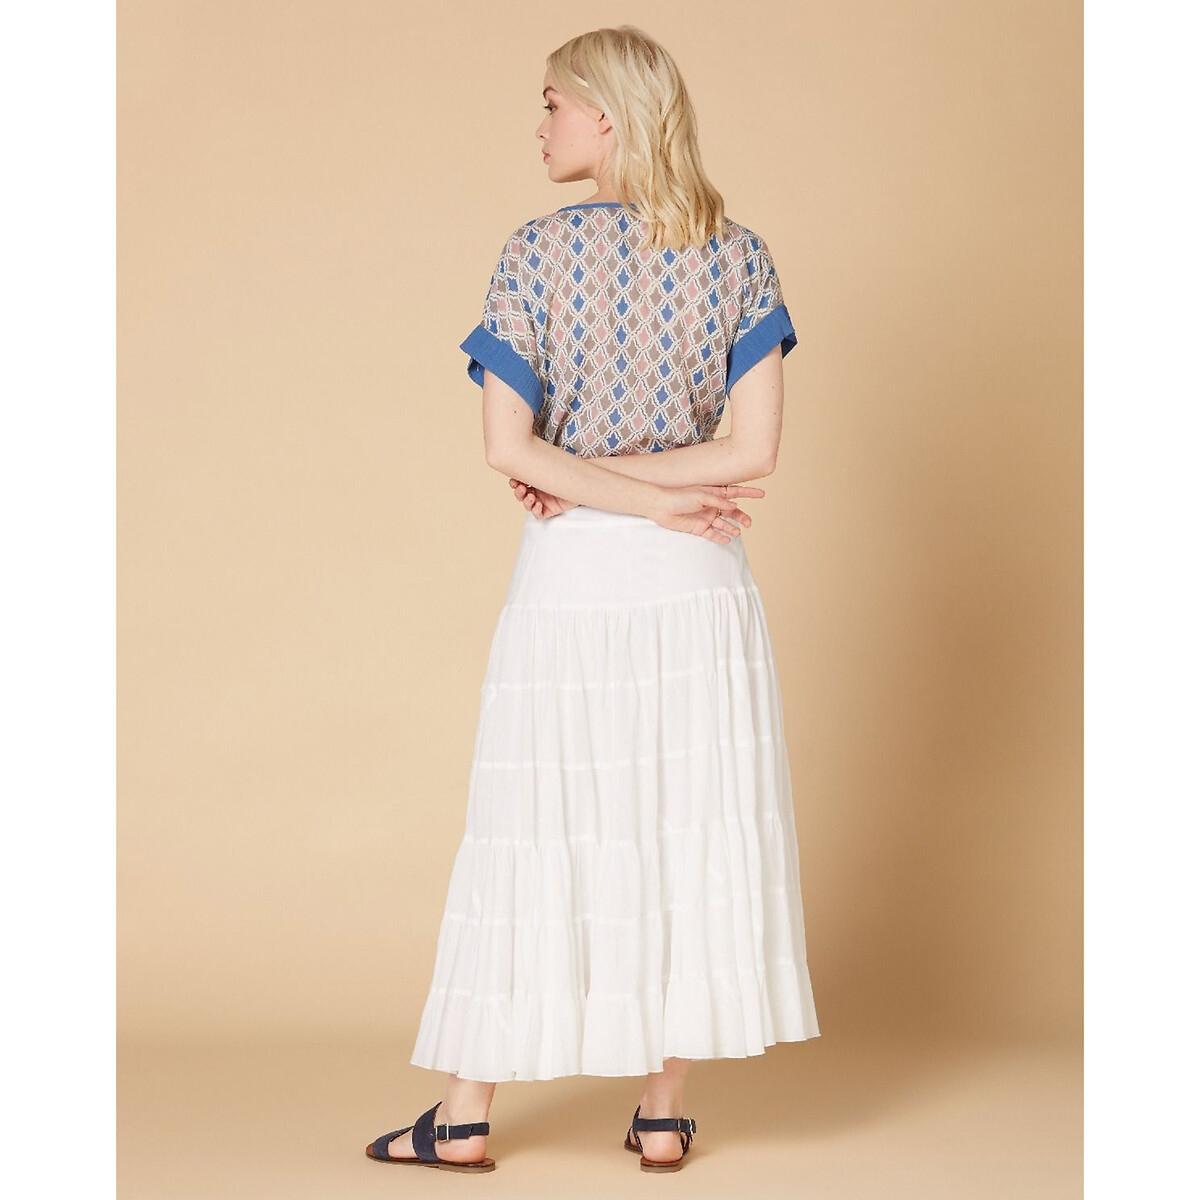 Юбка La Redoute Длинная струящаяся и расклешенная с оборками S белый юбка la redoute короткая расклешенная с цветочным рисунком и оборками на поясе xs бежевый